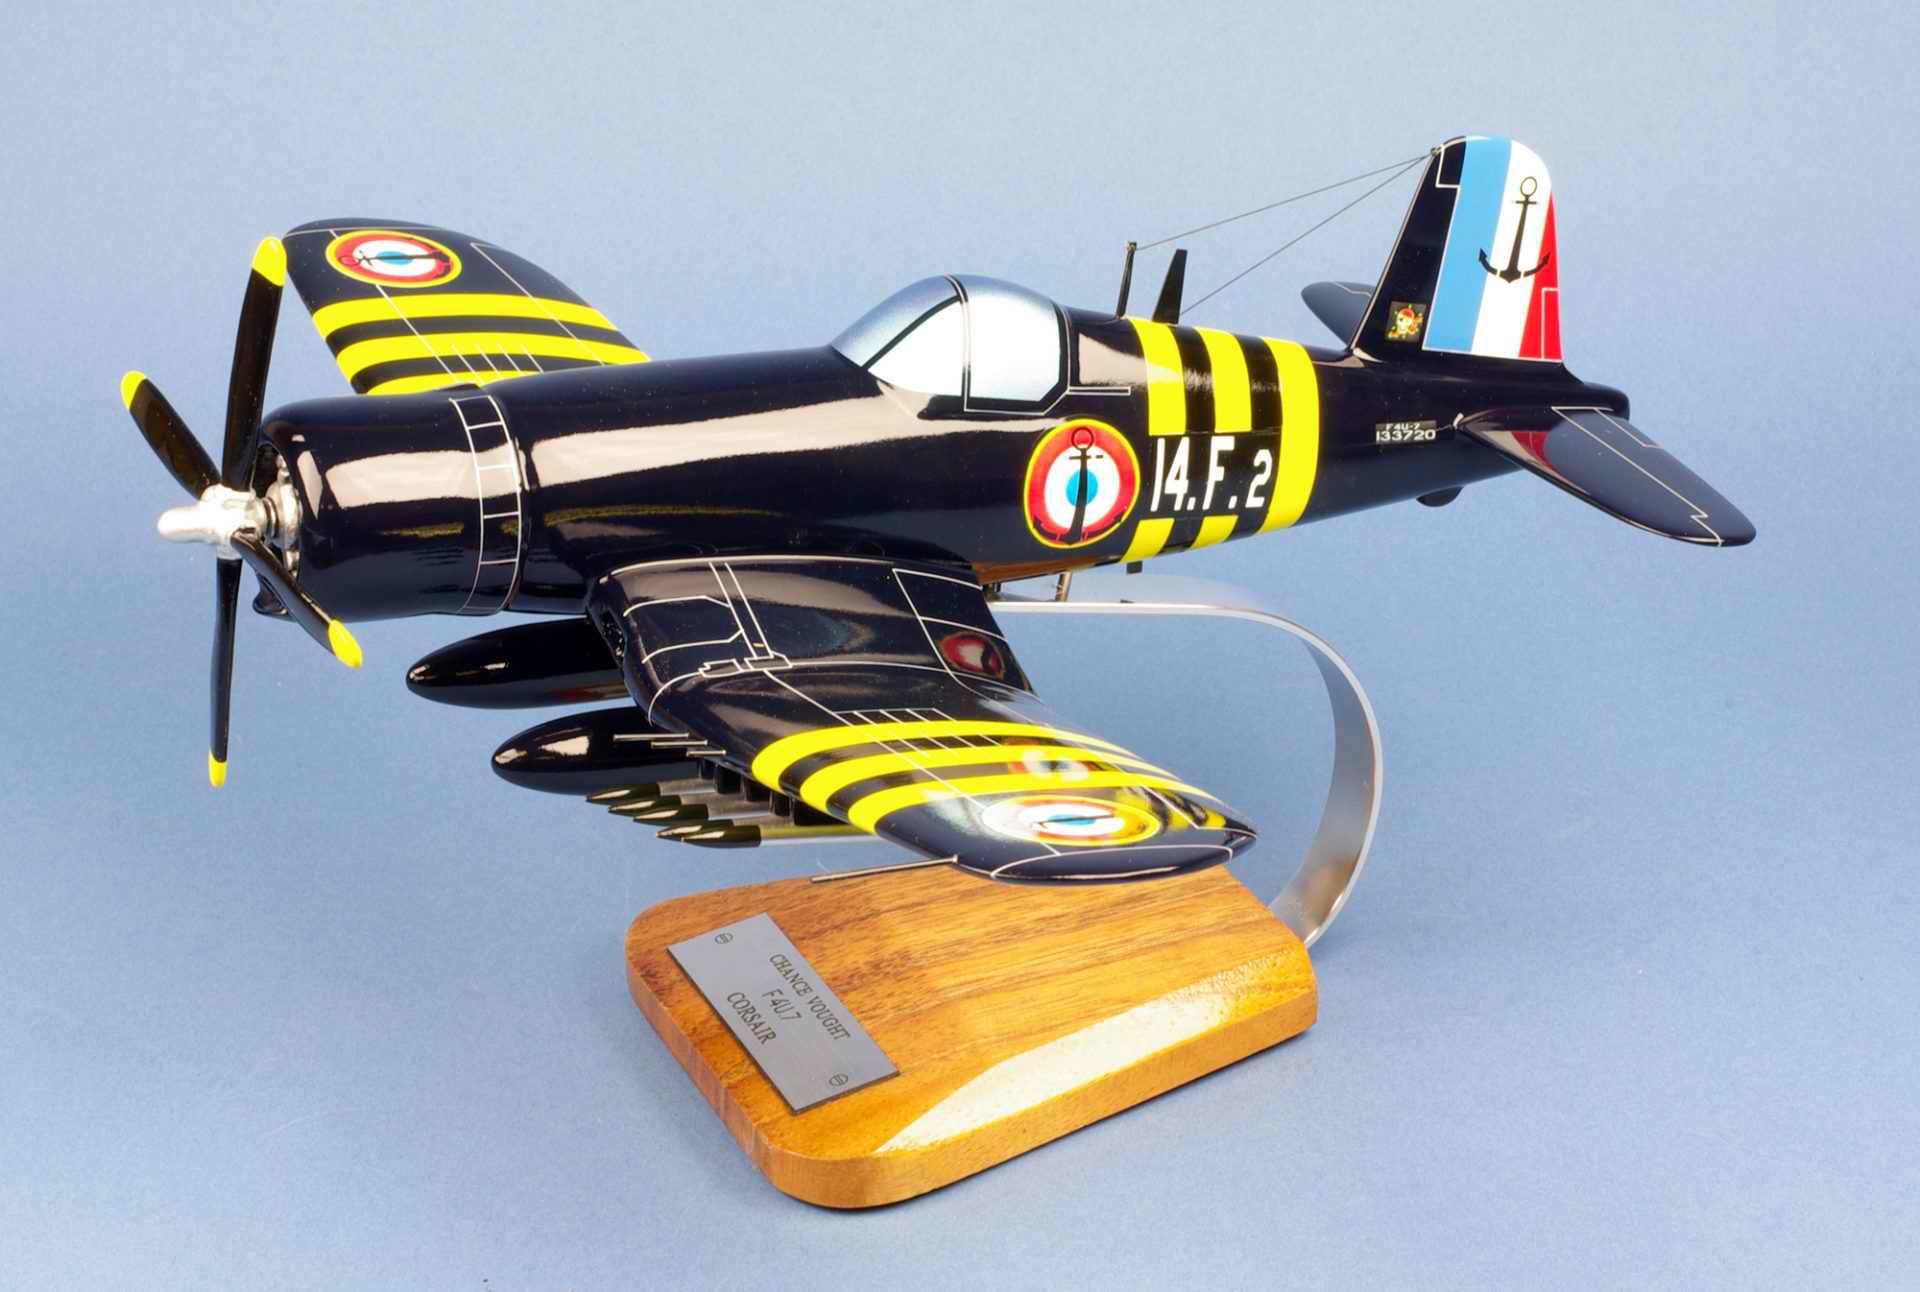 Maquette Avion F4U7 CORSAIR Flottille 14F de l'Aéronavale Française 1/30